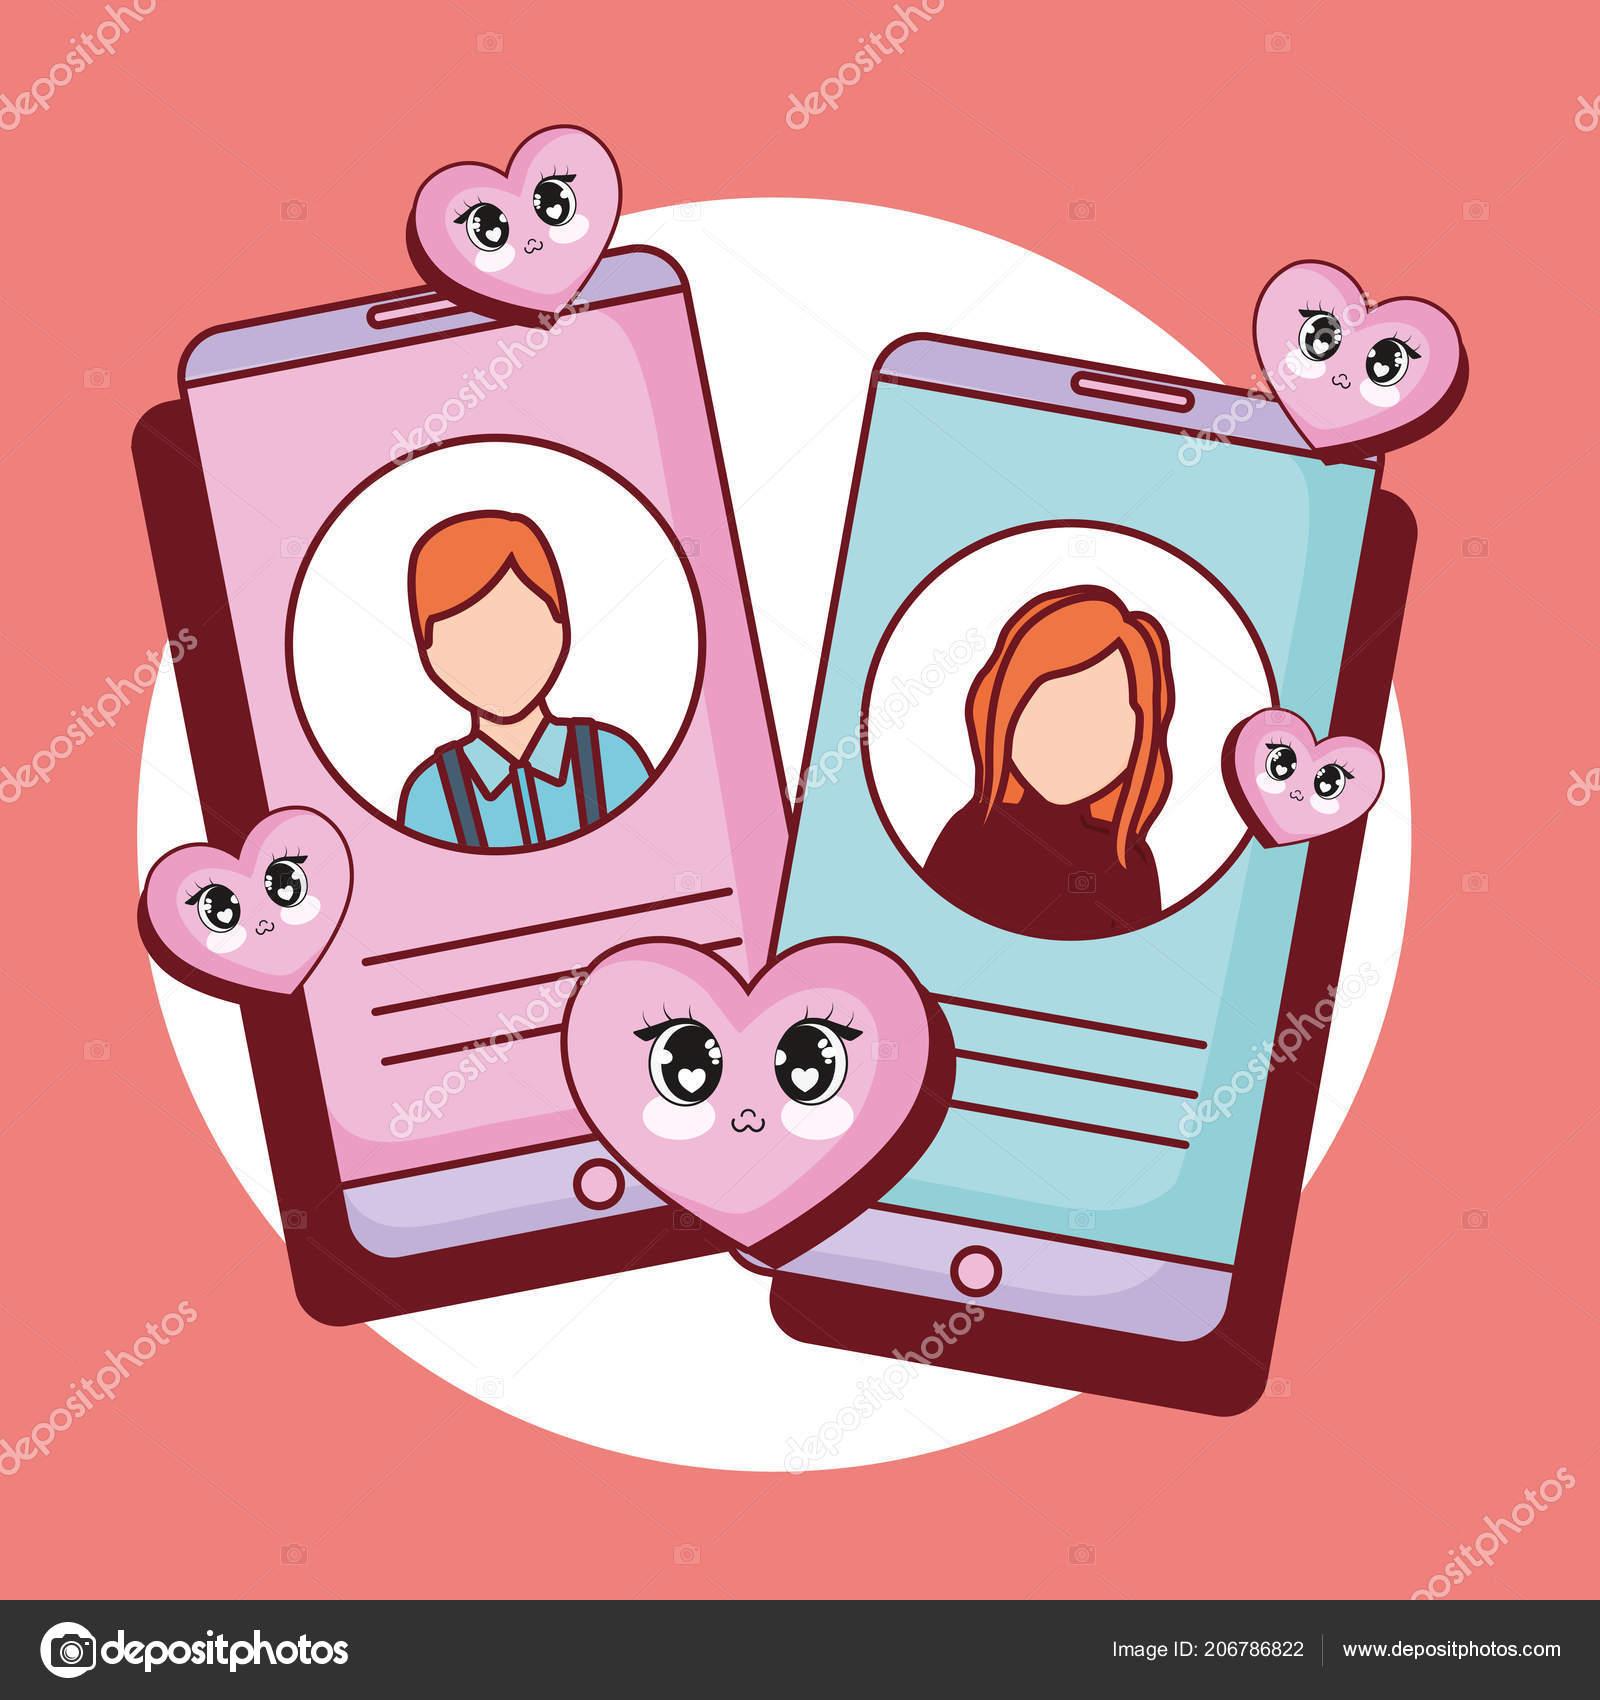 vapaa 16 vuotta vanha dating sites